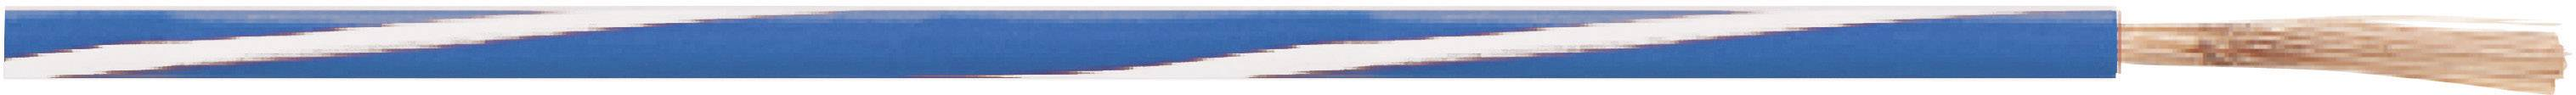 Opletenie / lanko LappKabel 4512383S X05V-K, 1 x 1 mm², vonkajší Ø 2.60 mm, metrový tovar, oranžová, čierna